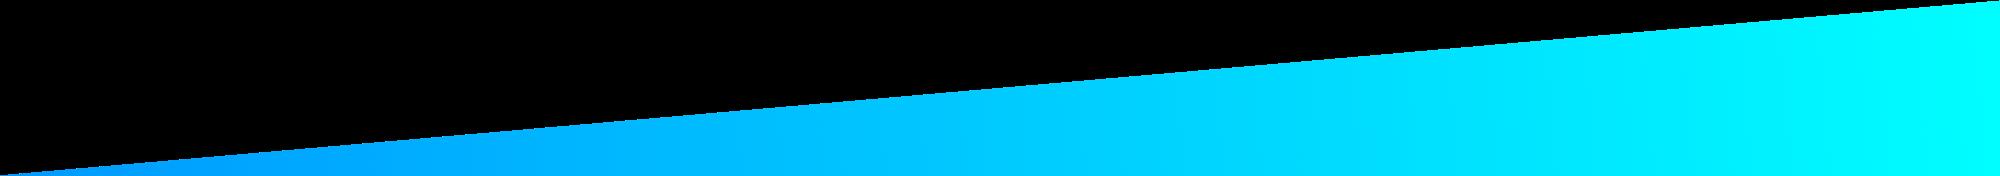 dig-blue